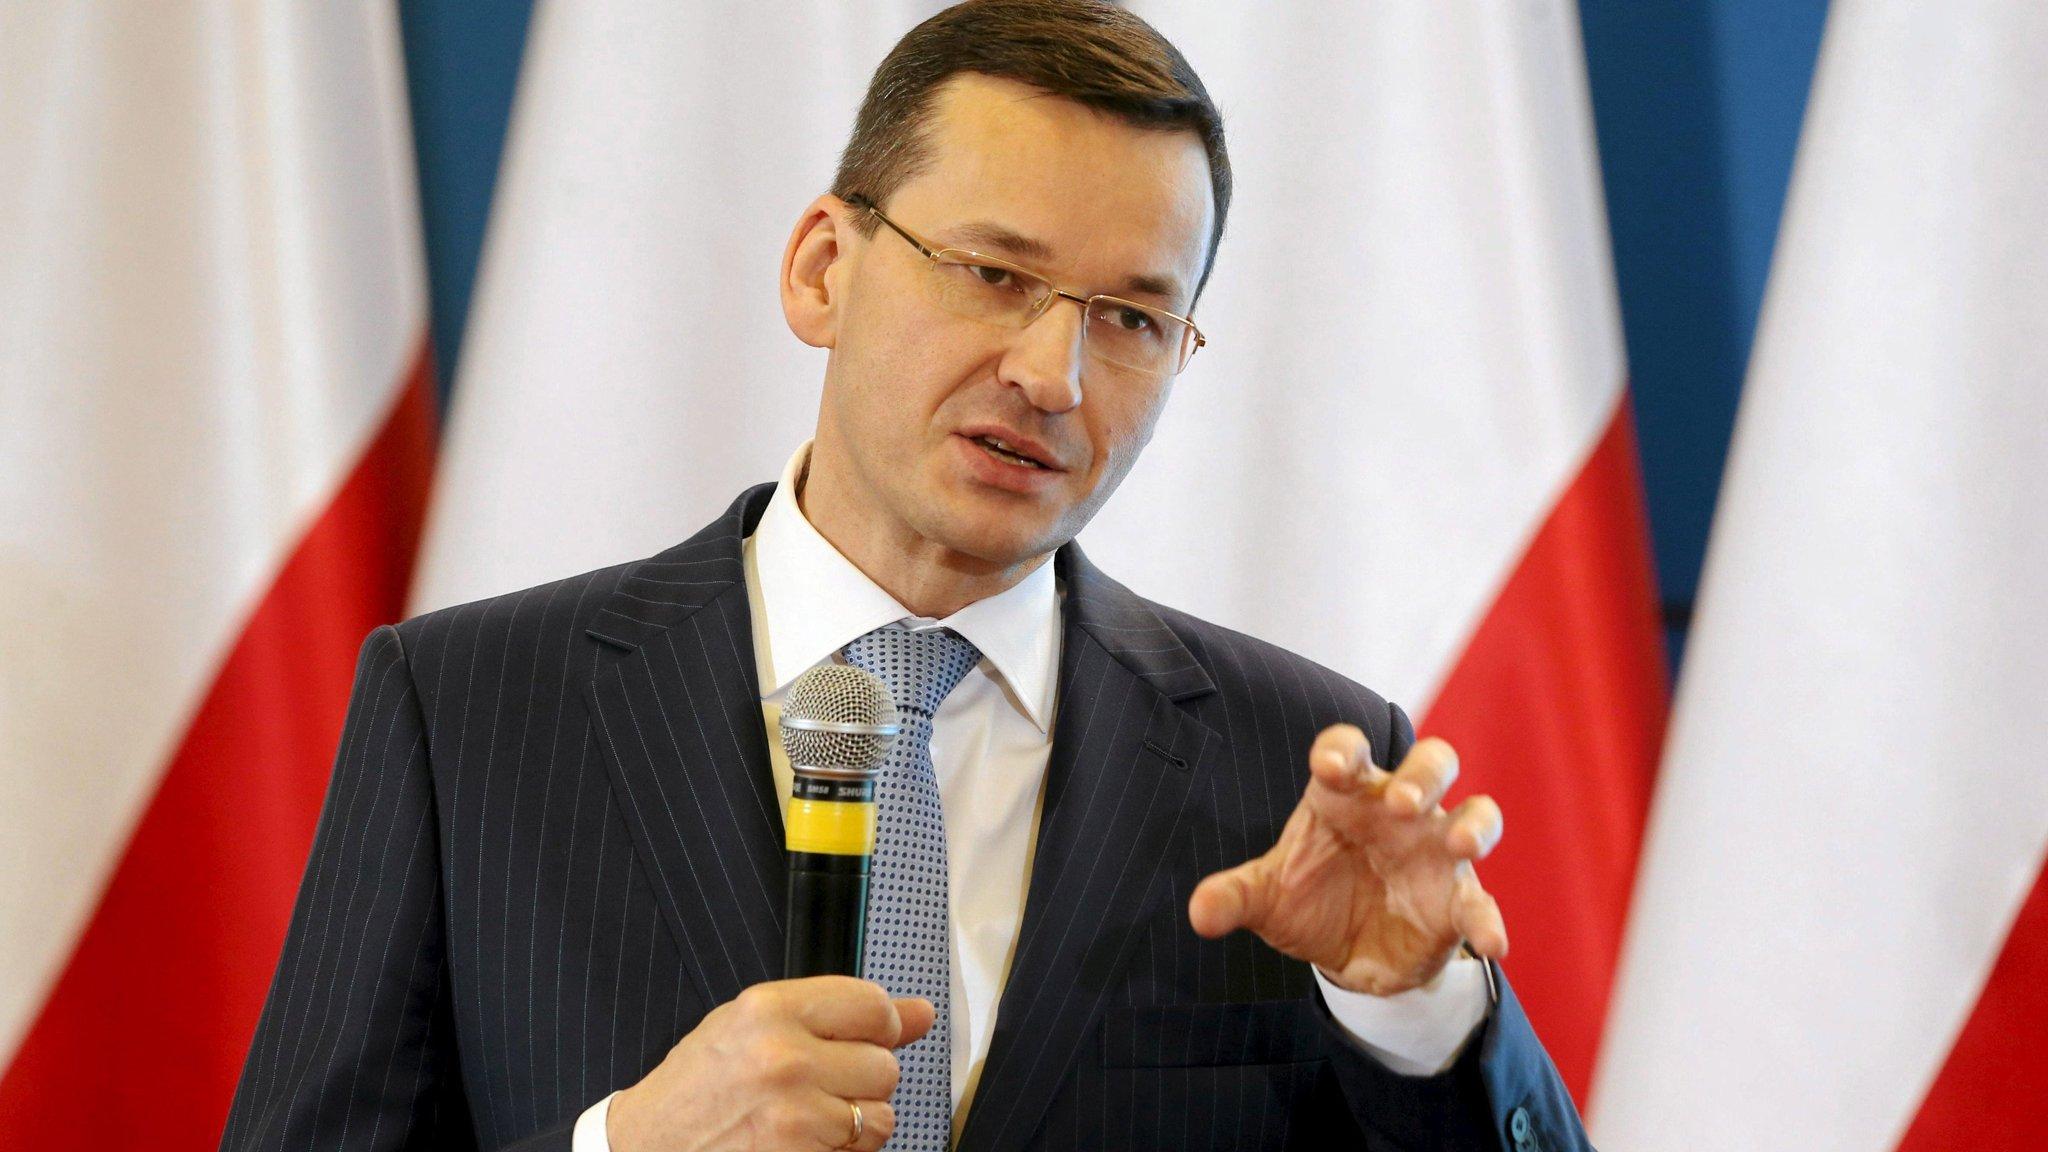 Ungaria şi Polonia vor să aibă influenţă mai mare în cadrul Uniunii Europene, în condiţiile în care ambele ţări sunt criticate de Bruxelles